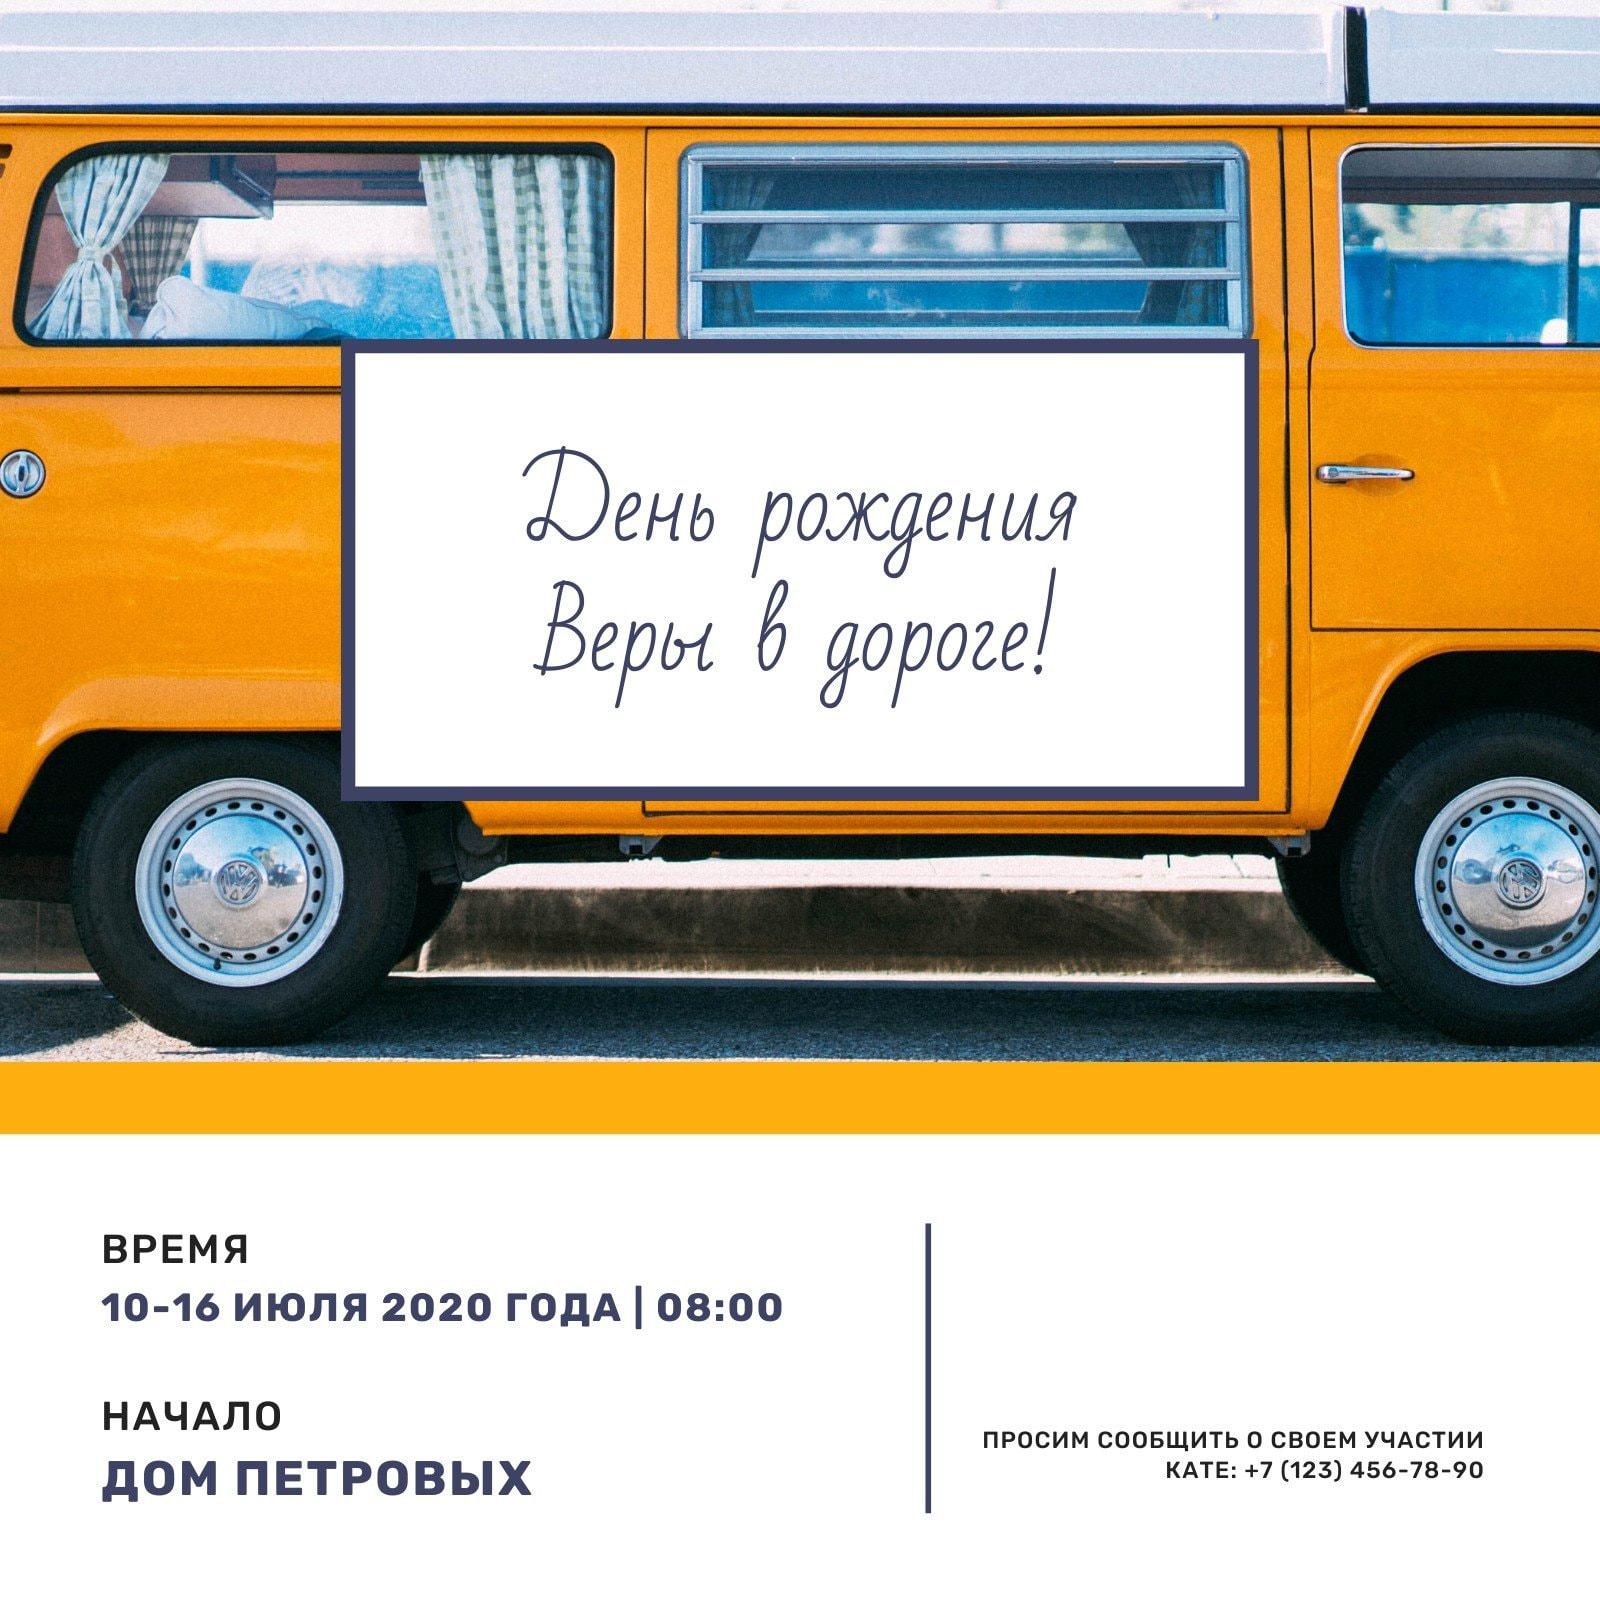 Белый и Желтый Современный Автобус Путешествие Приглашение